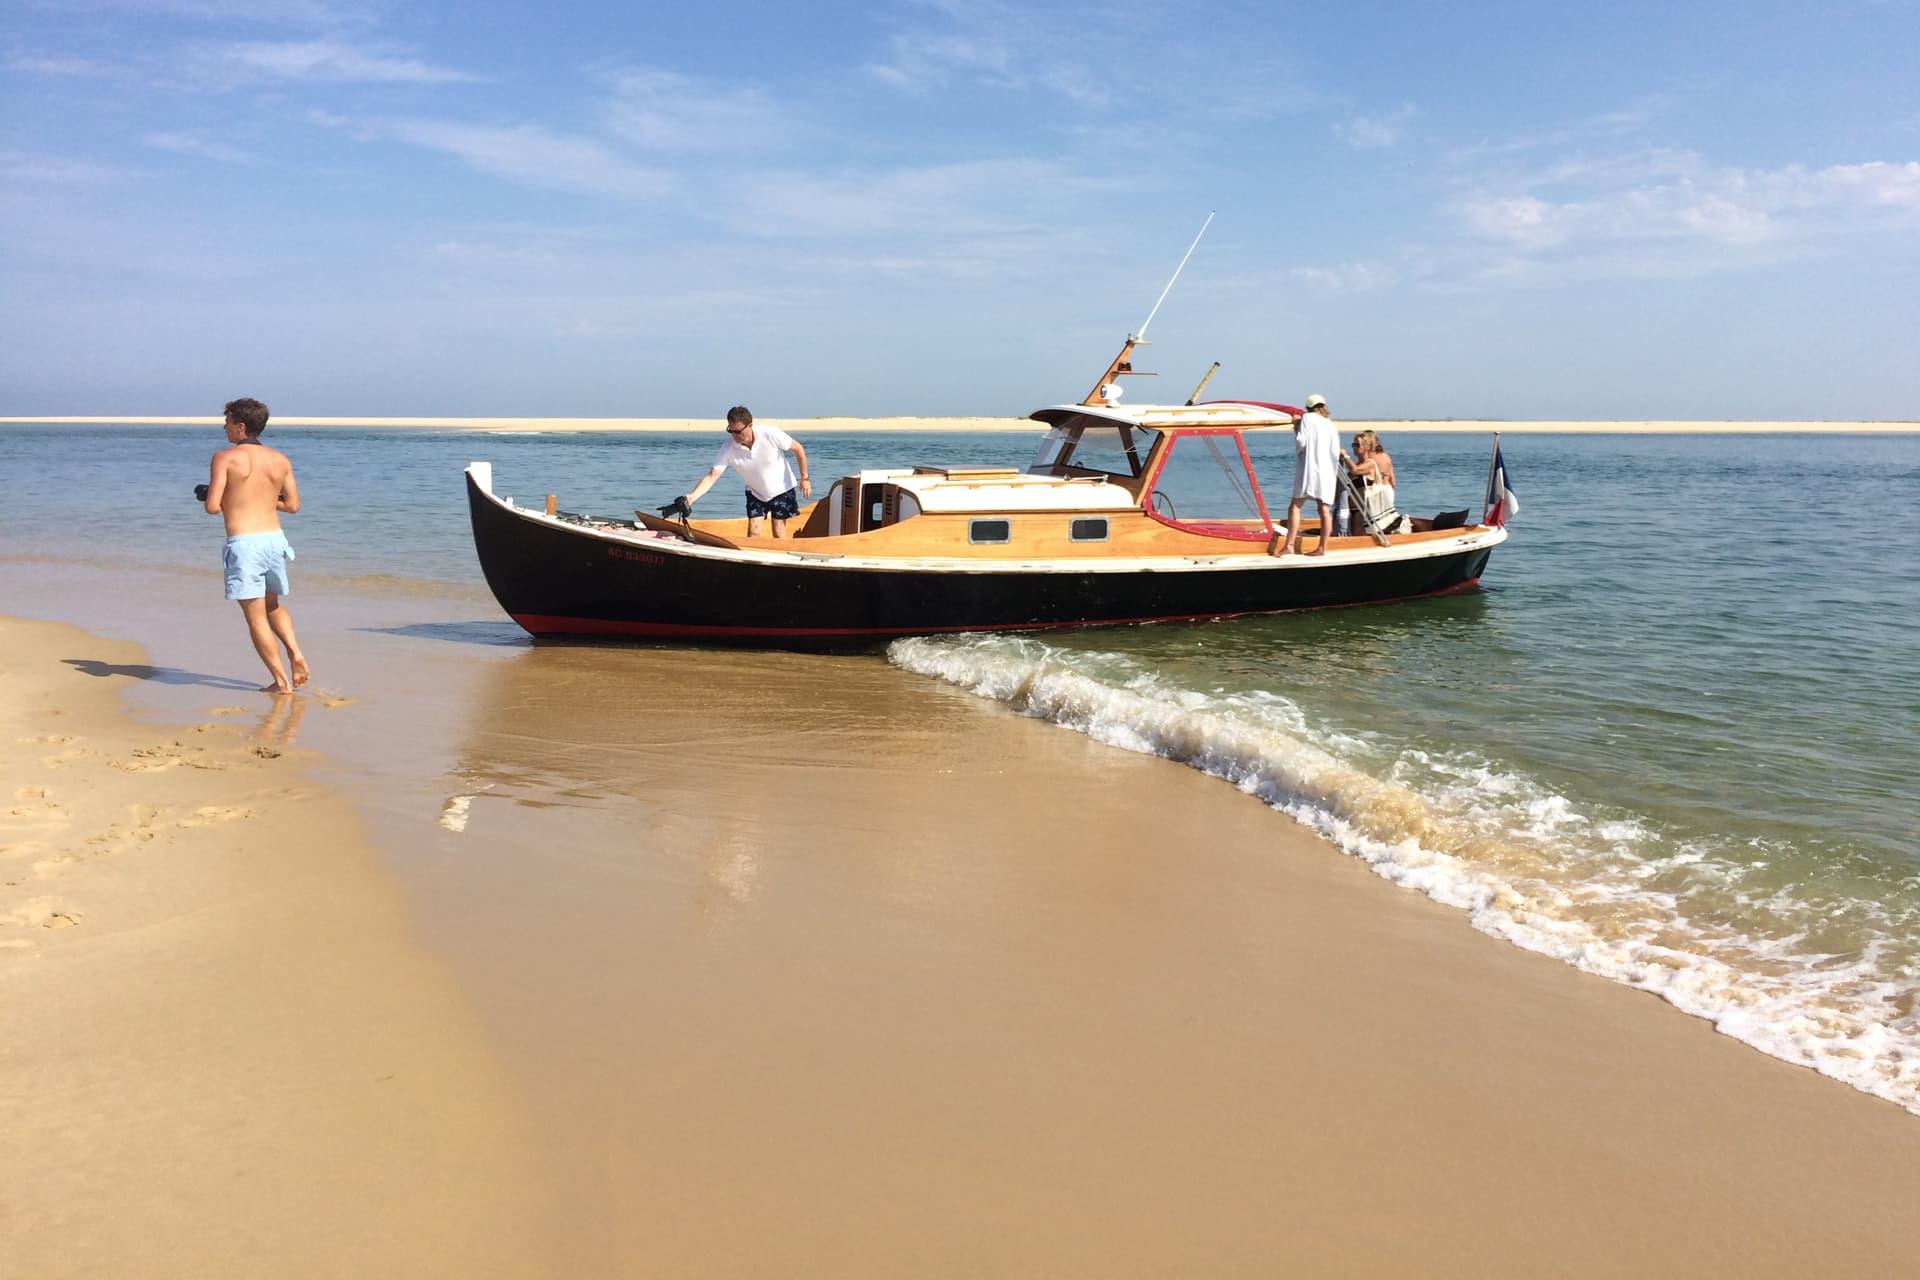 Balade en bateau avec pique nique sur banc de sable sur le bassin d'Arcachon